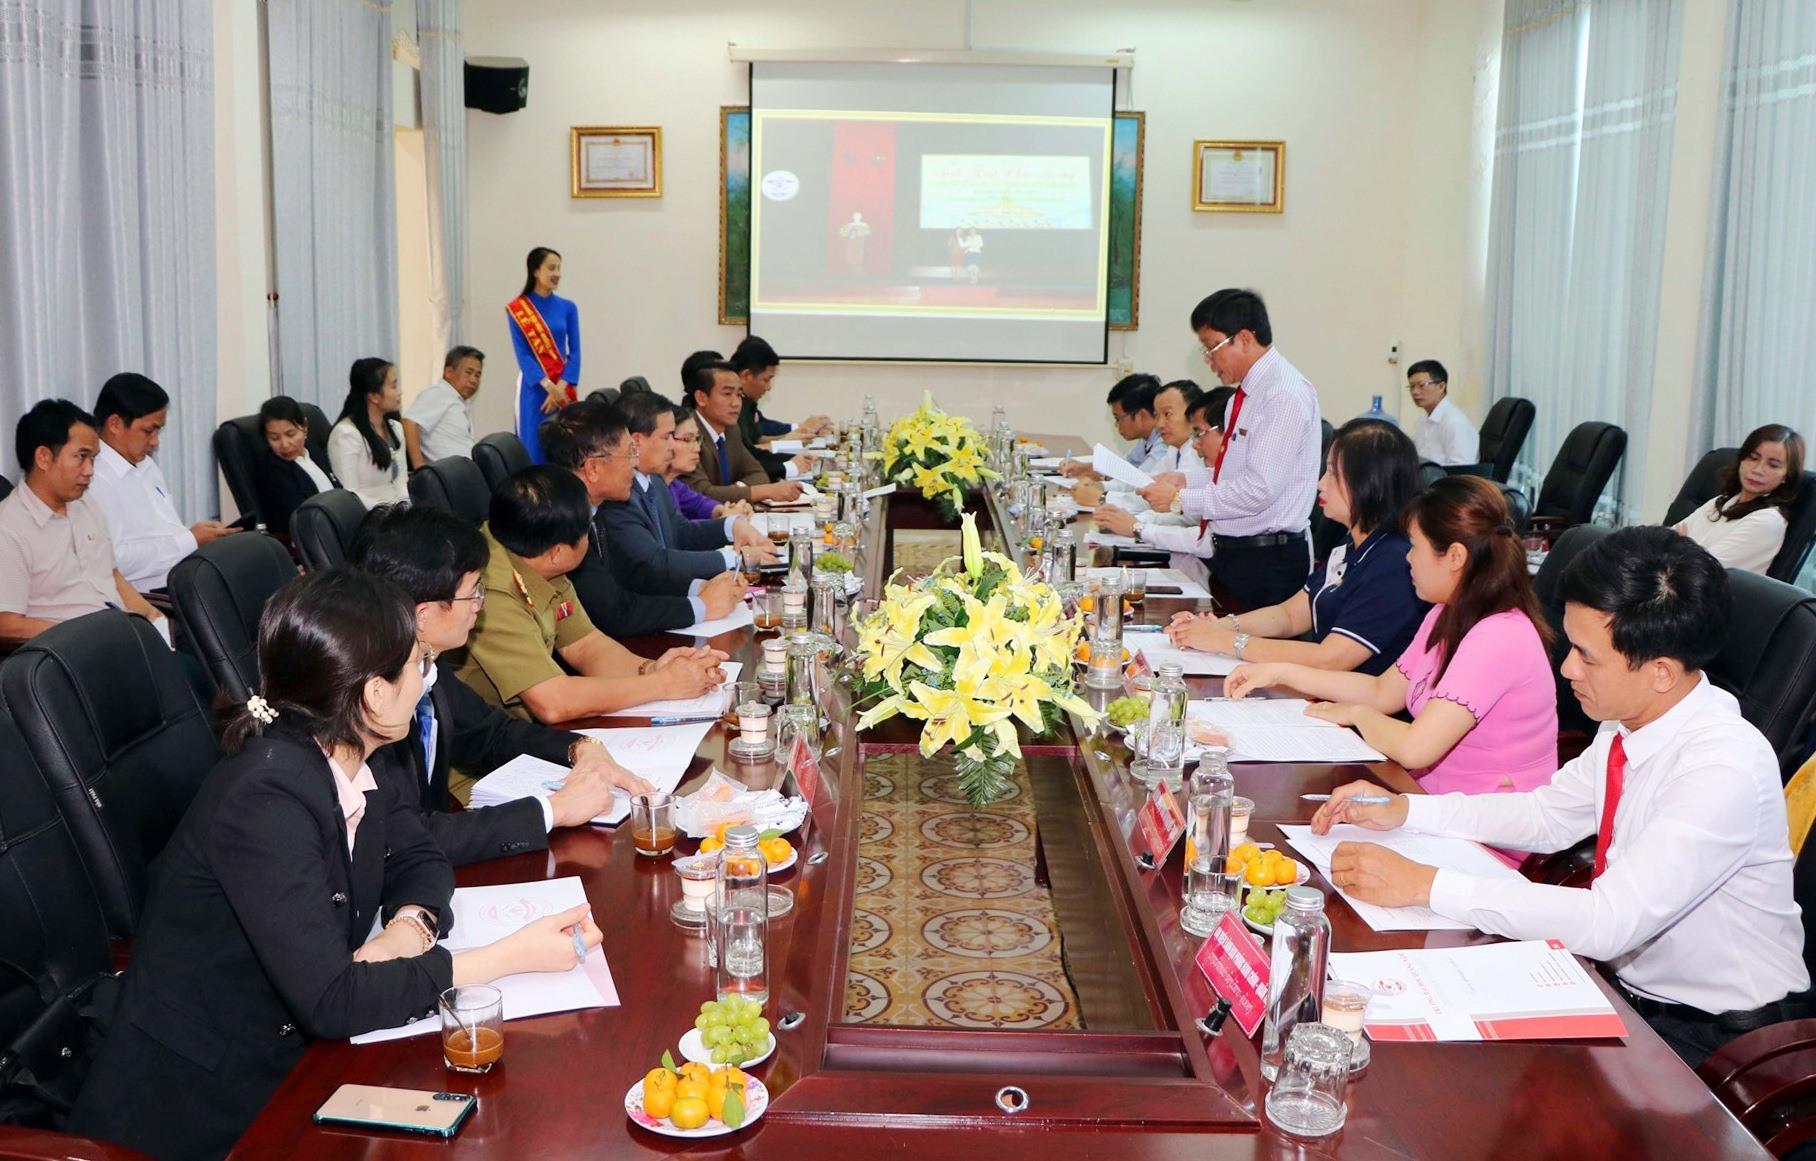 PGS.TS. Huỳnh Trọng Dương – Hiệu trưởng Trường Đại học Quảng Nam báo cáo tình hình đào tạo cho cán bộ, lưu học sinh Lào tại Quảng Nam. Ảnh: CHÂU HÙNG